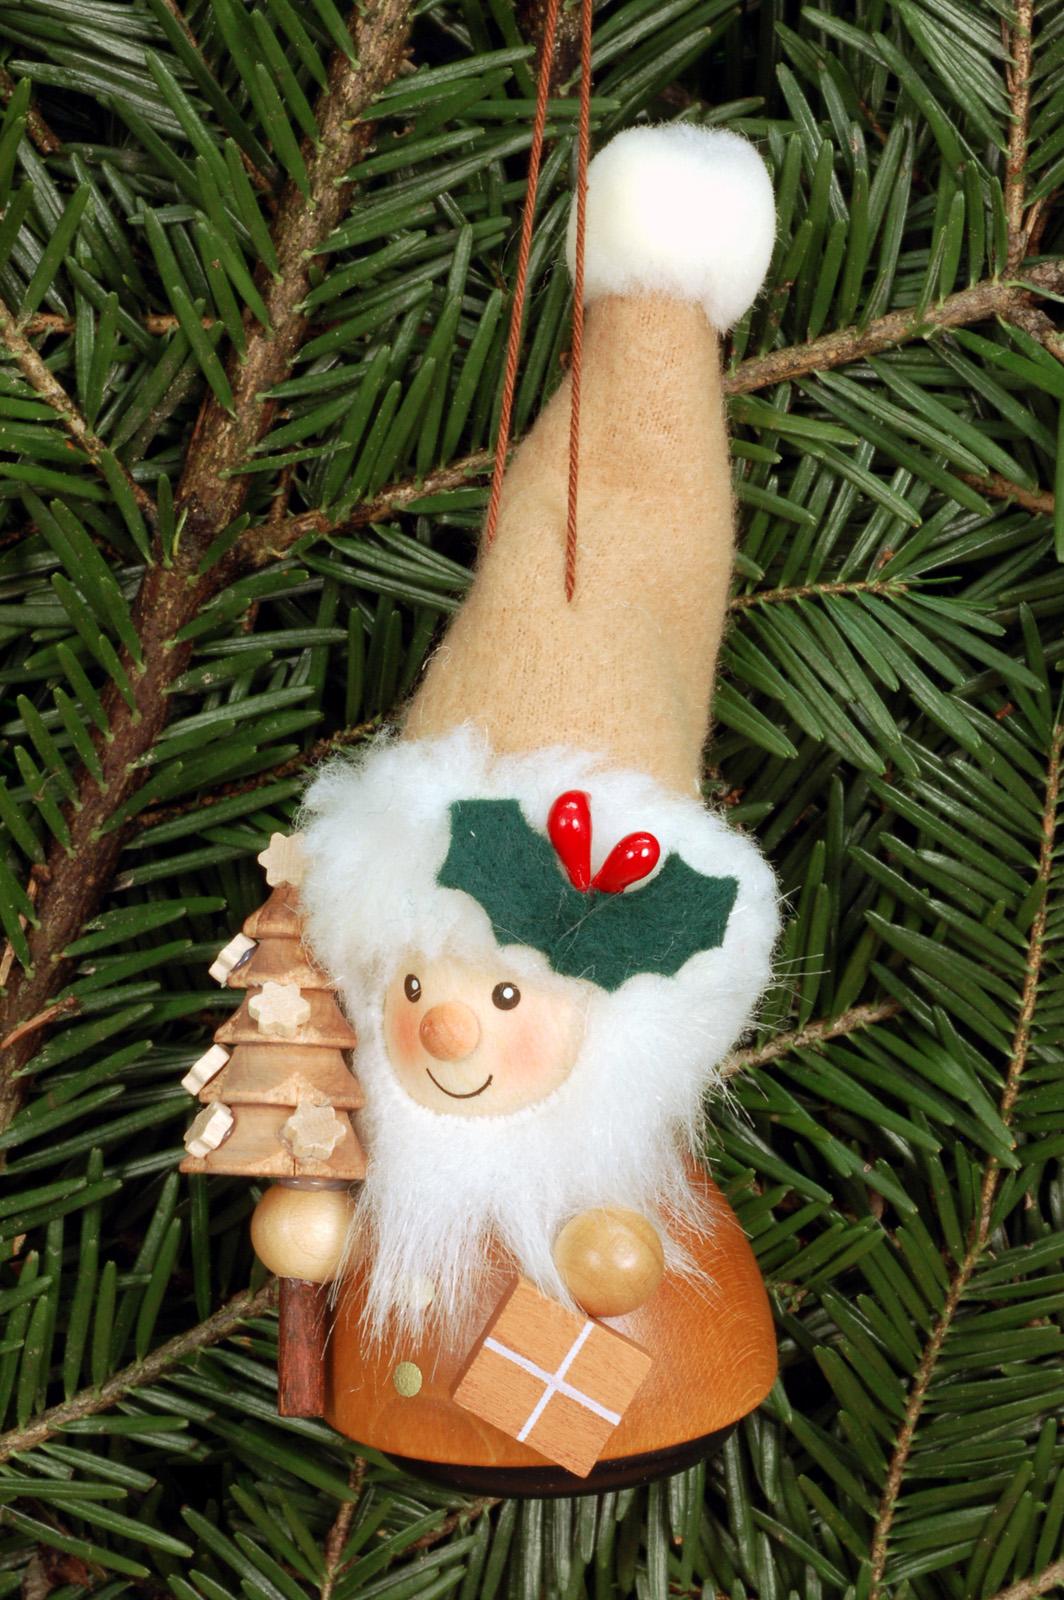 Baumbehang Wackelmännchen Weihnachtsmann natur